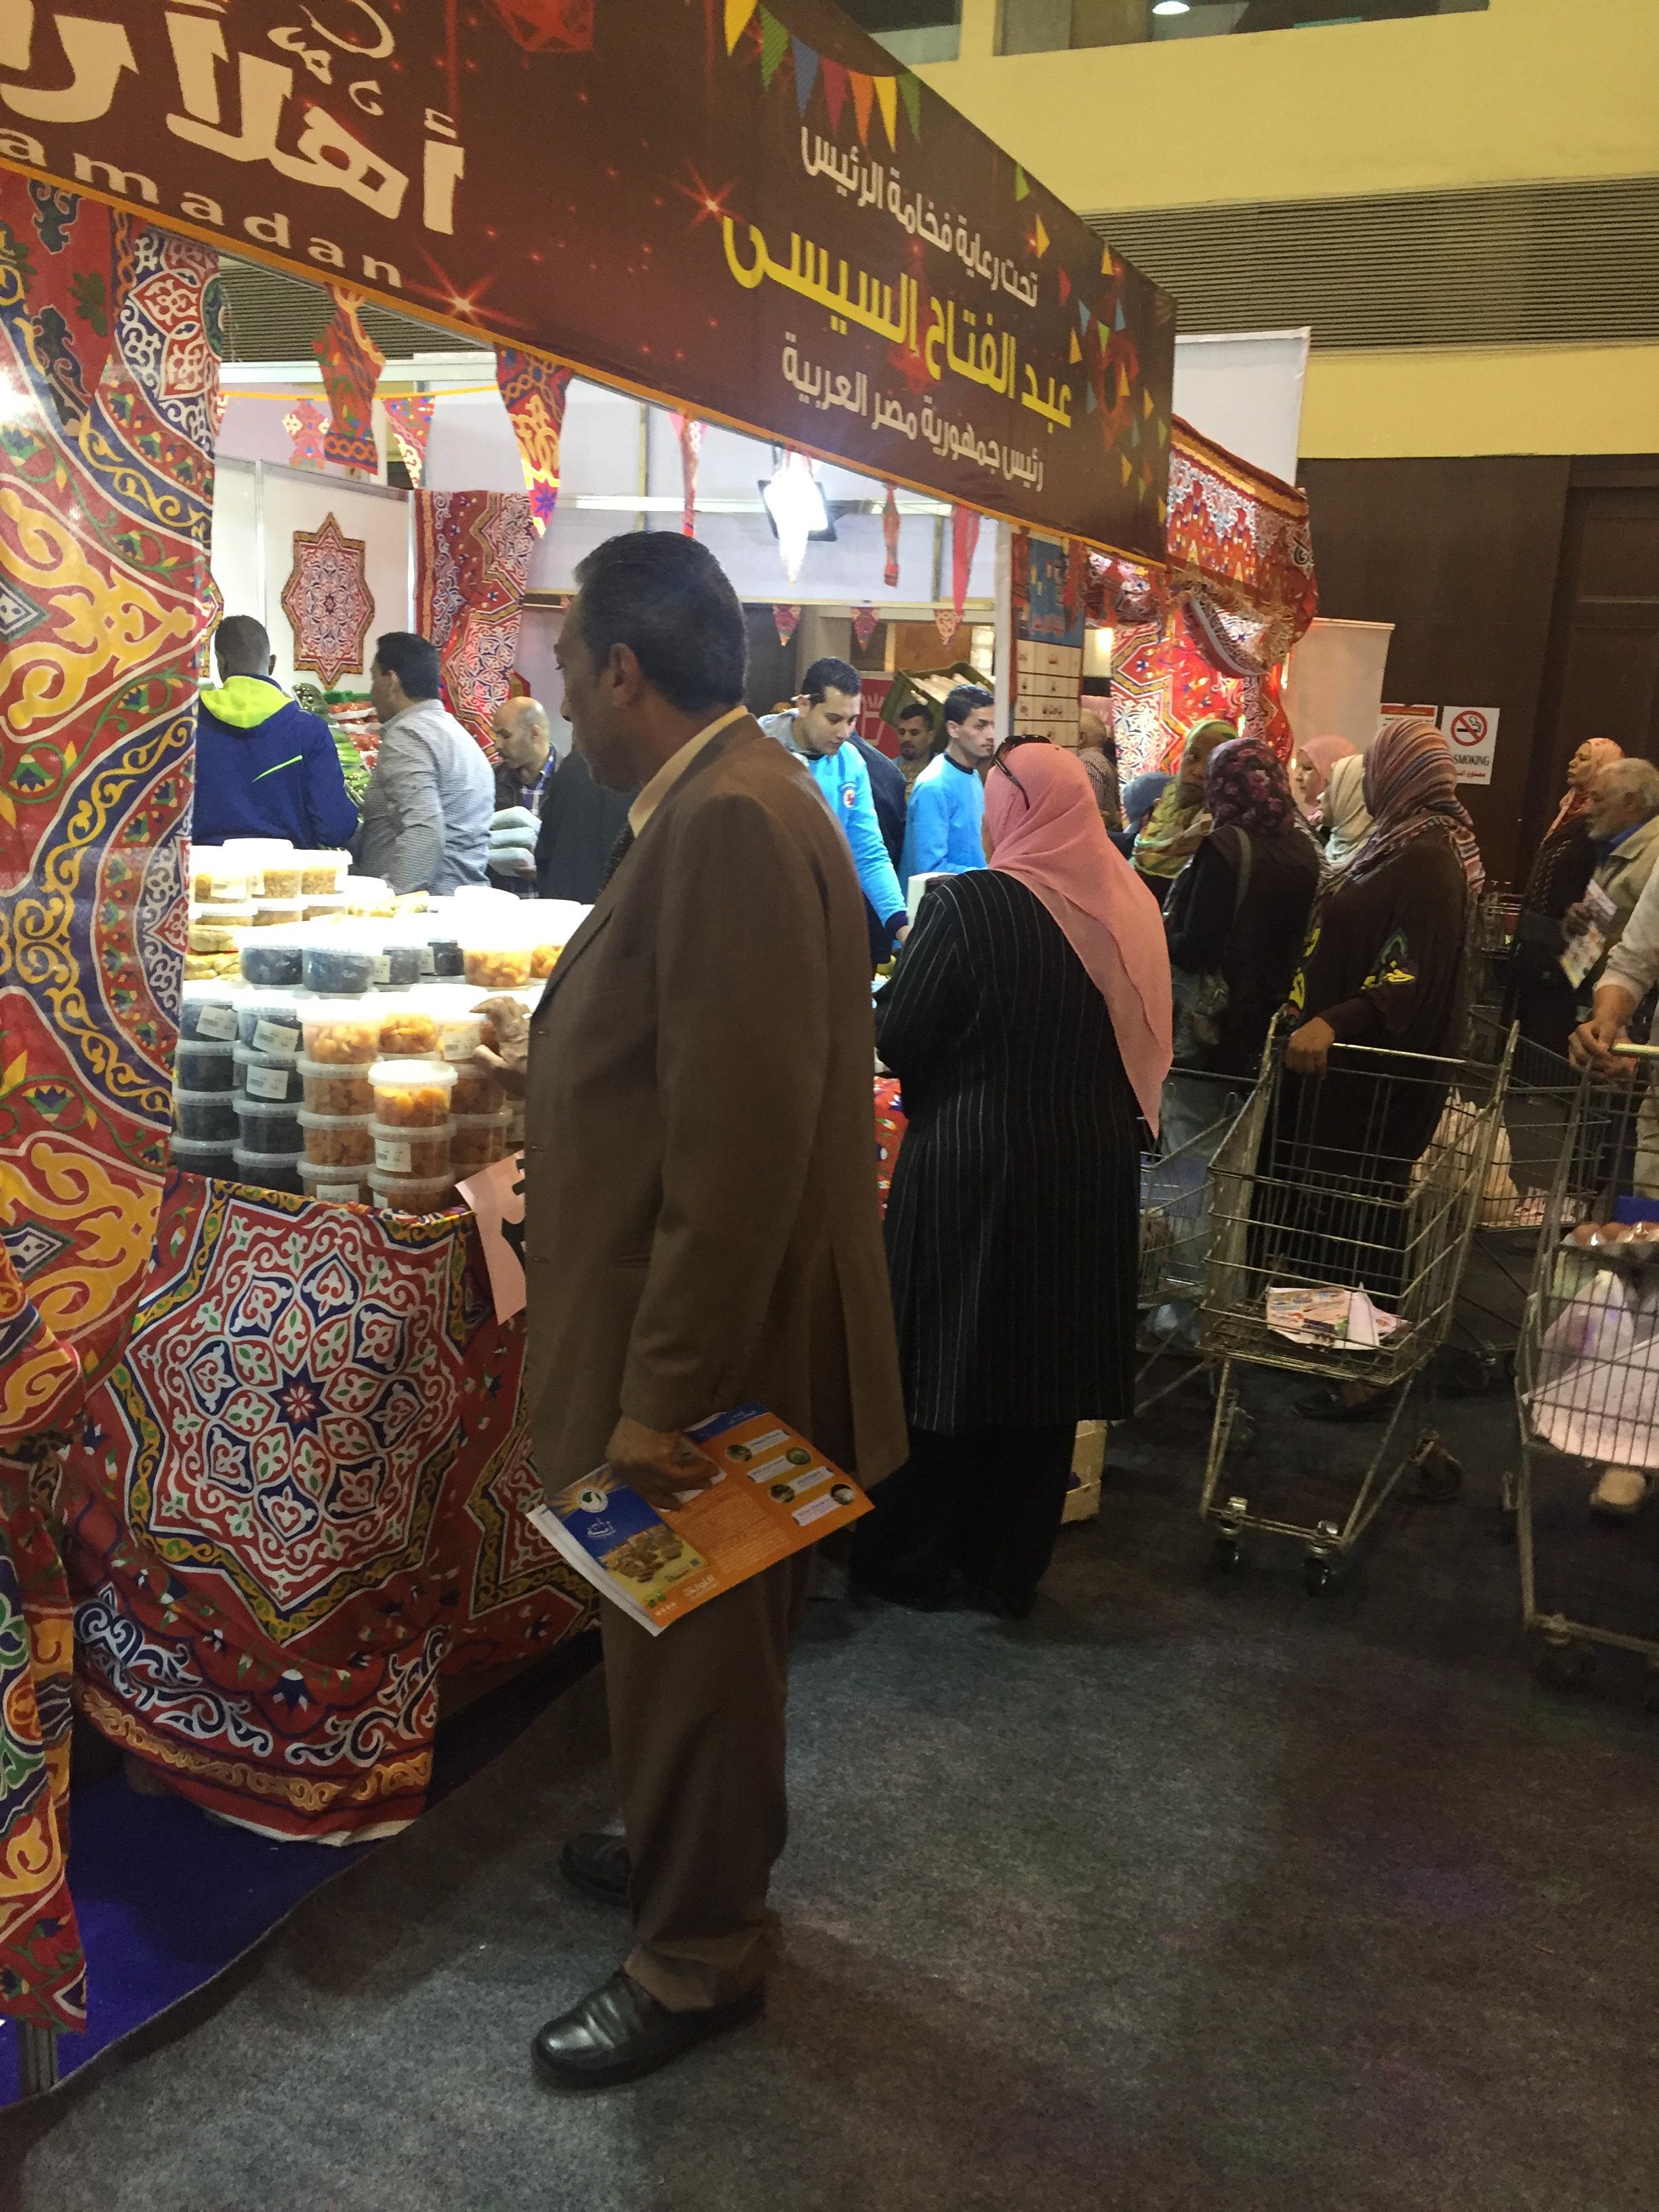 اقبال كبير على معرض سوبر ماركت اهلا رمضان فى يومه الاول (11)